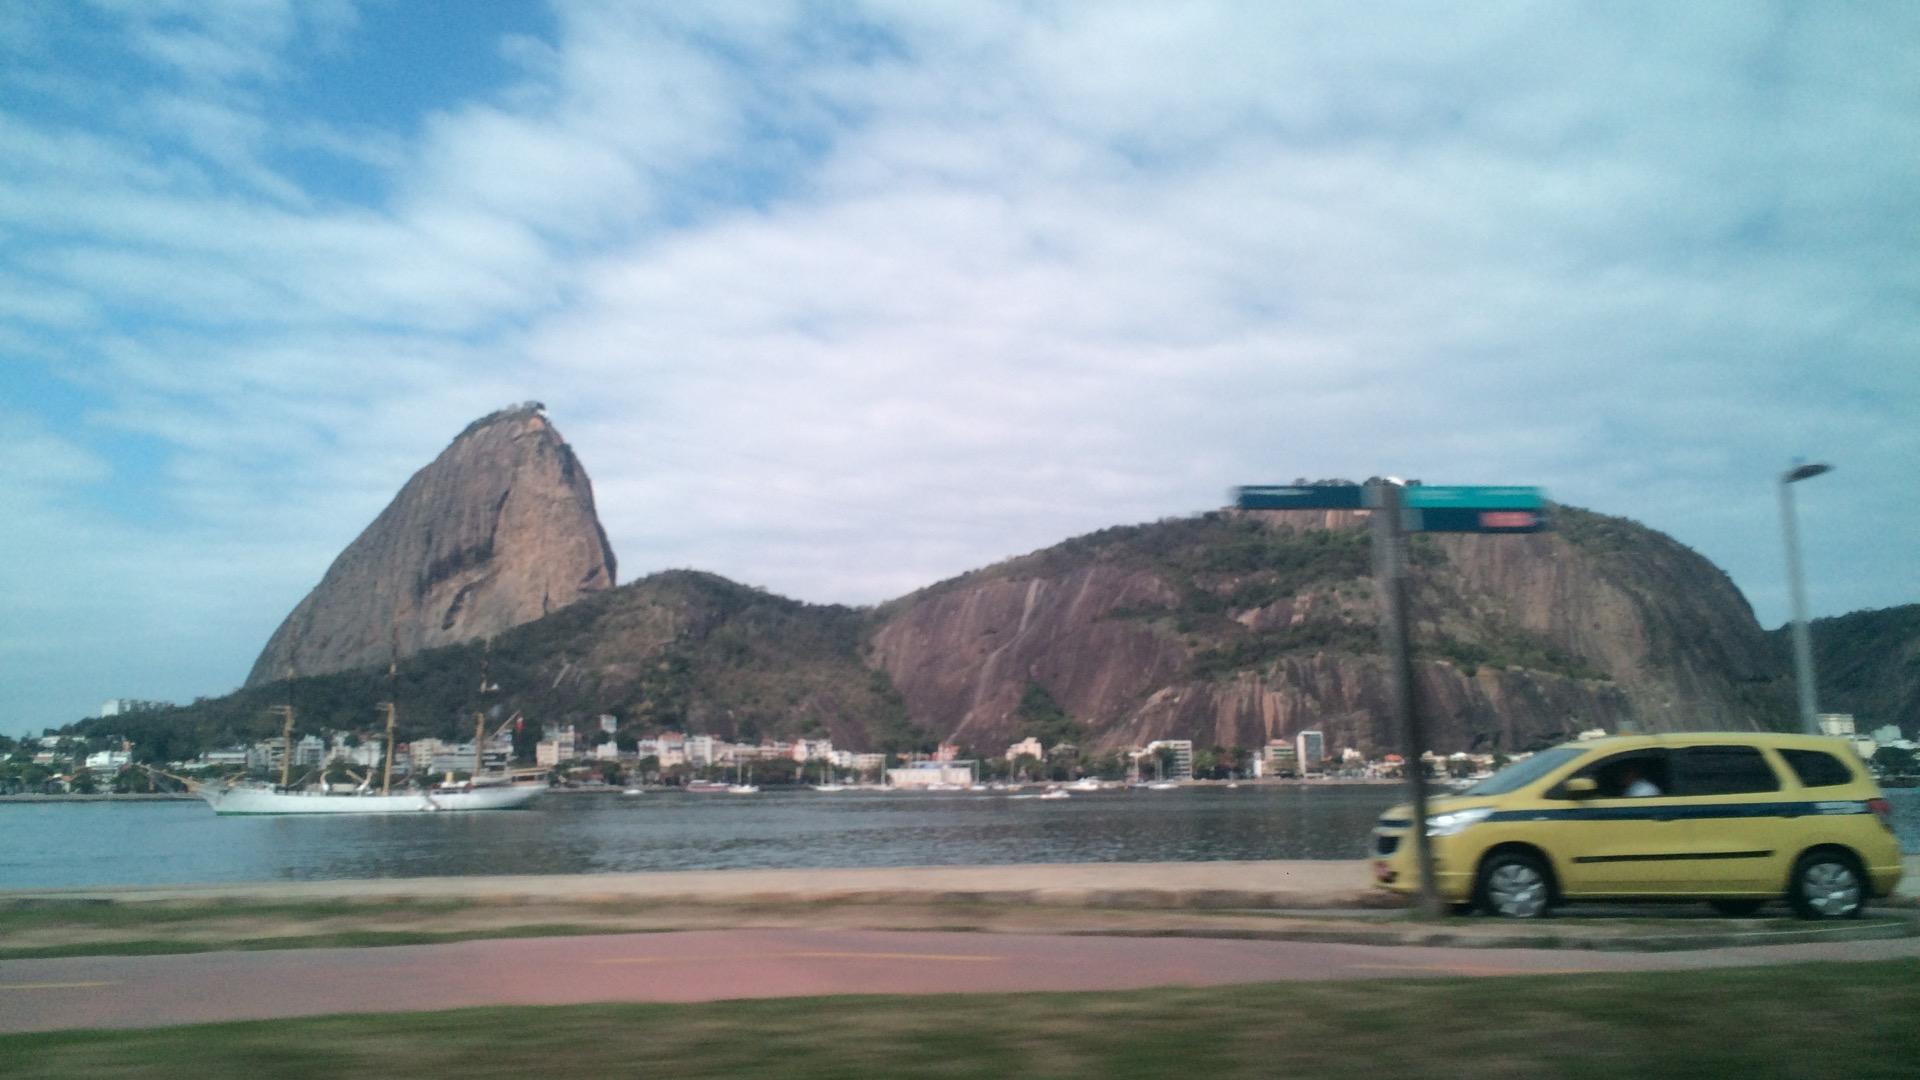 ブラジルへの入国ビザ(観光・商用)が免除になりますが、ご注意ください